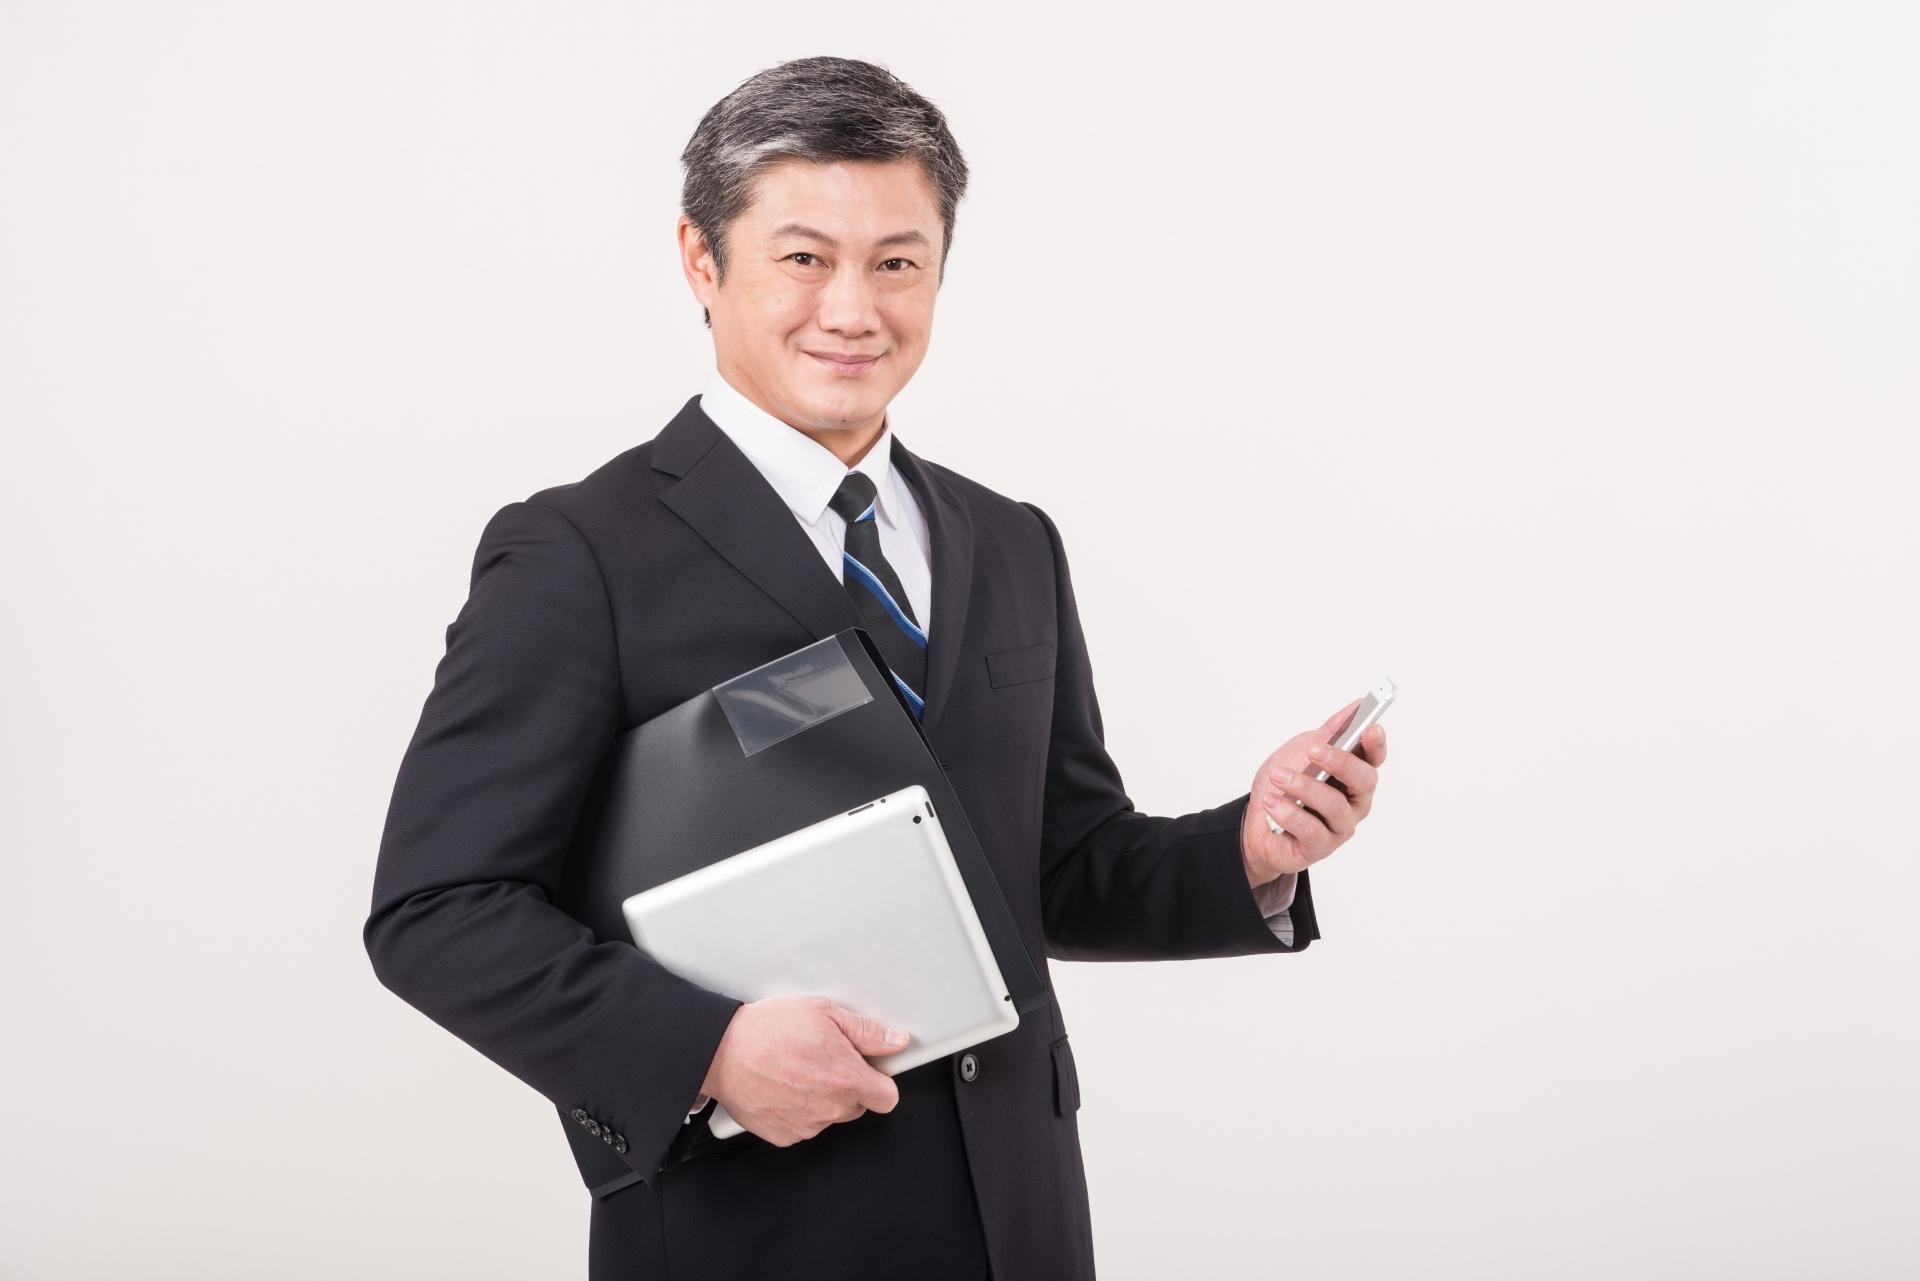 経営者のみなさん、会社の防犯対策をしていますか?